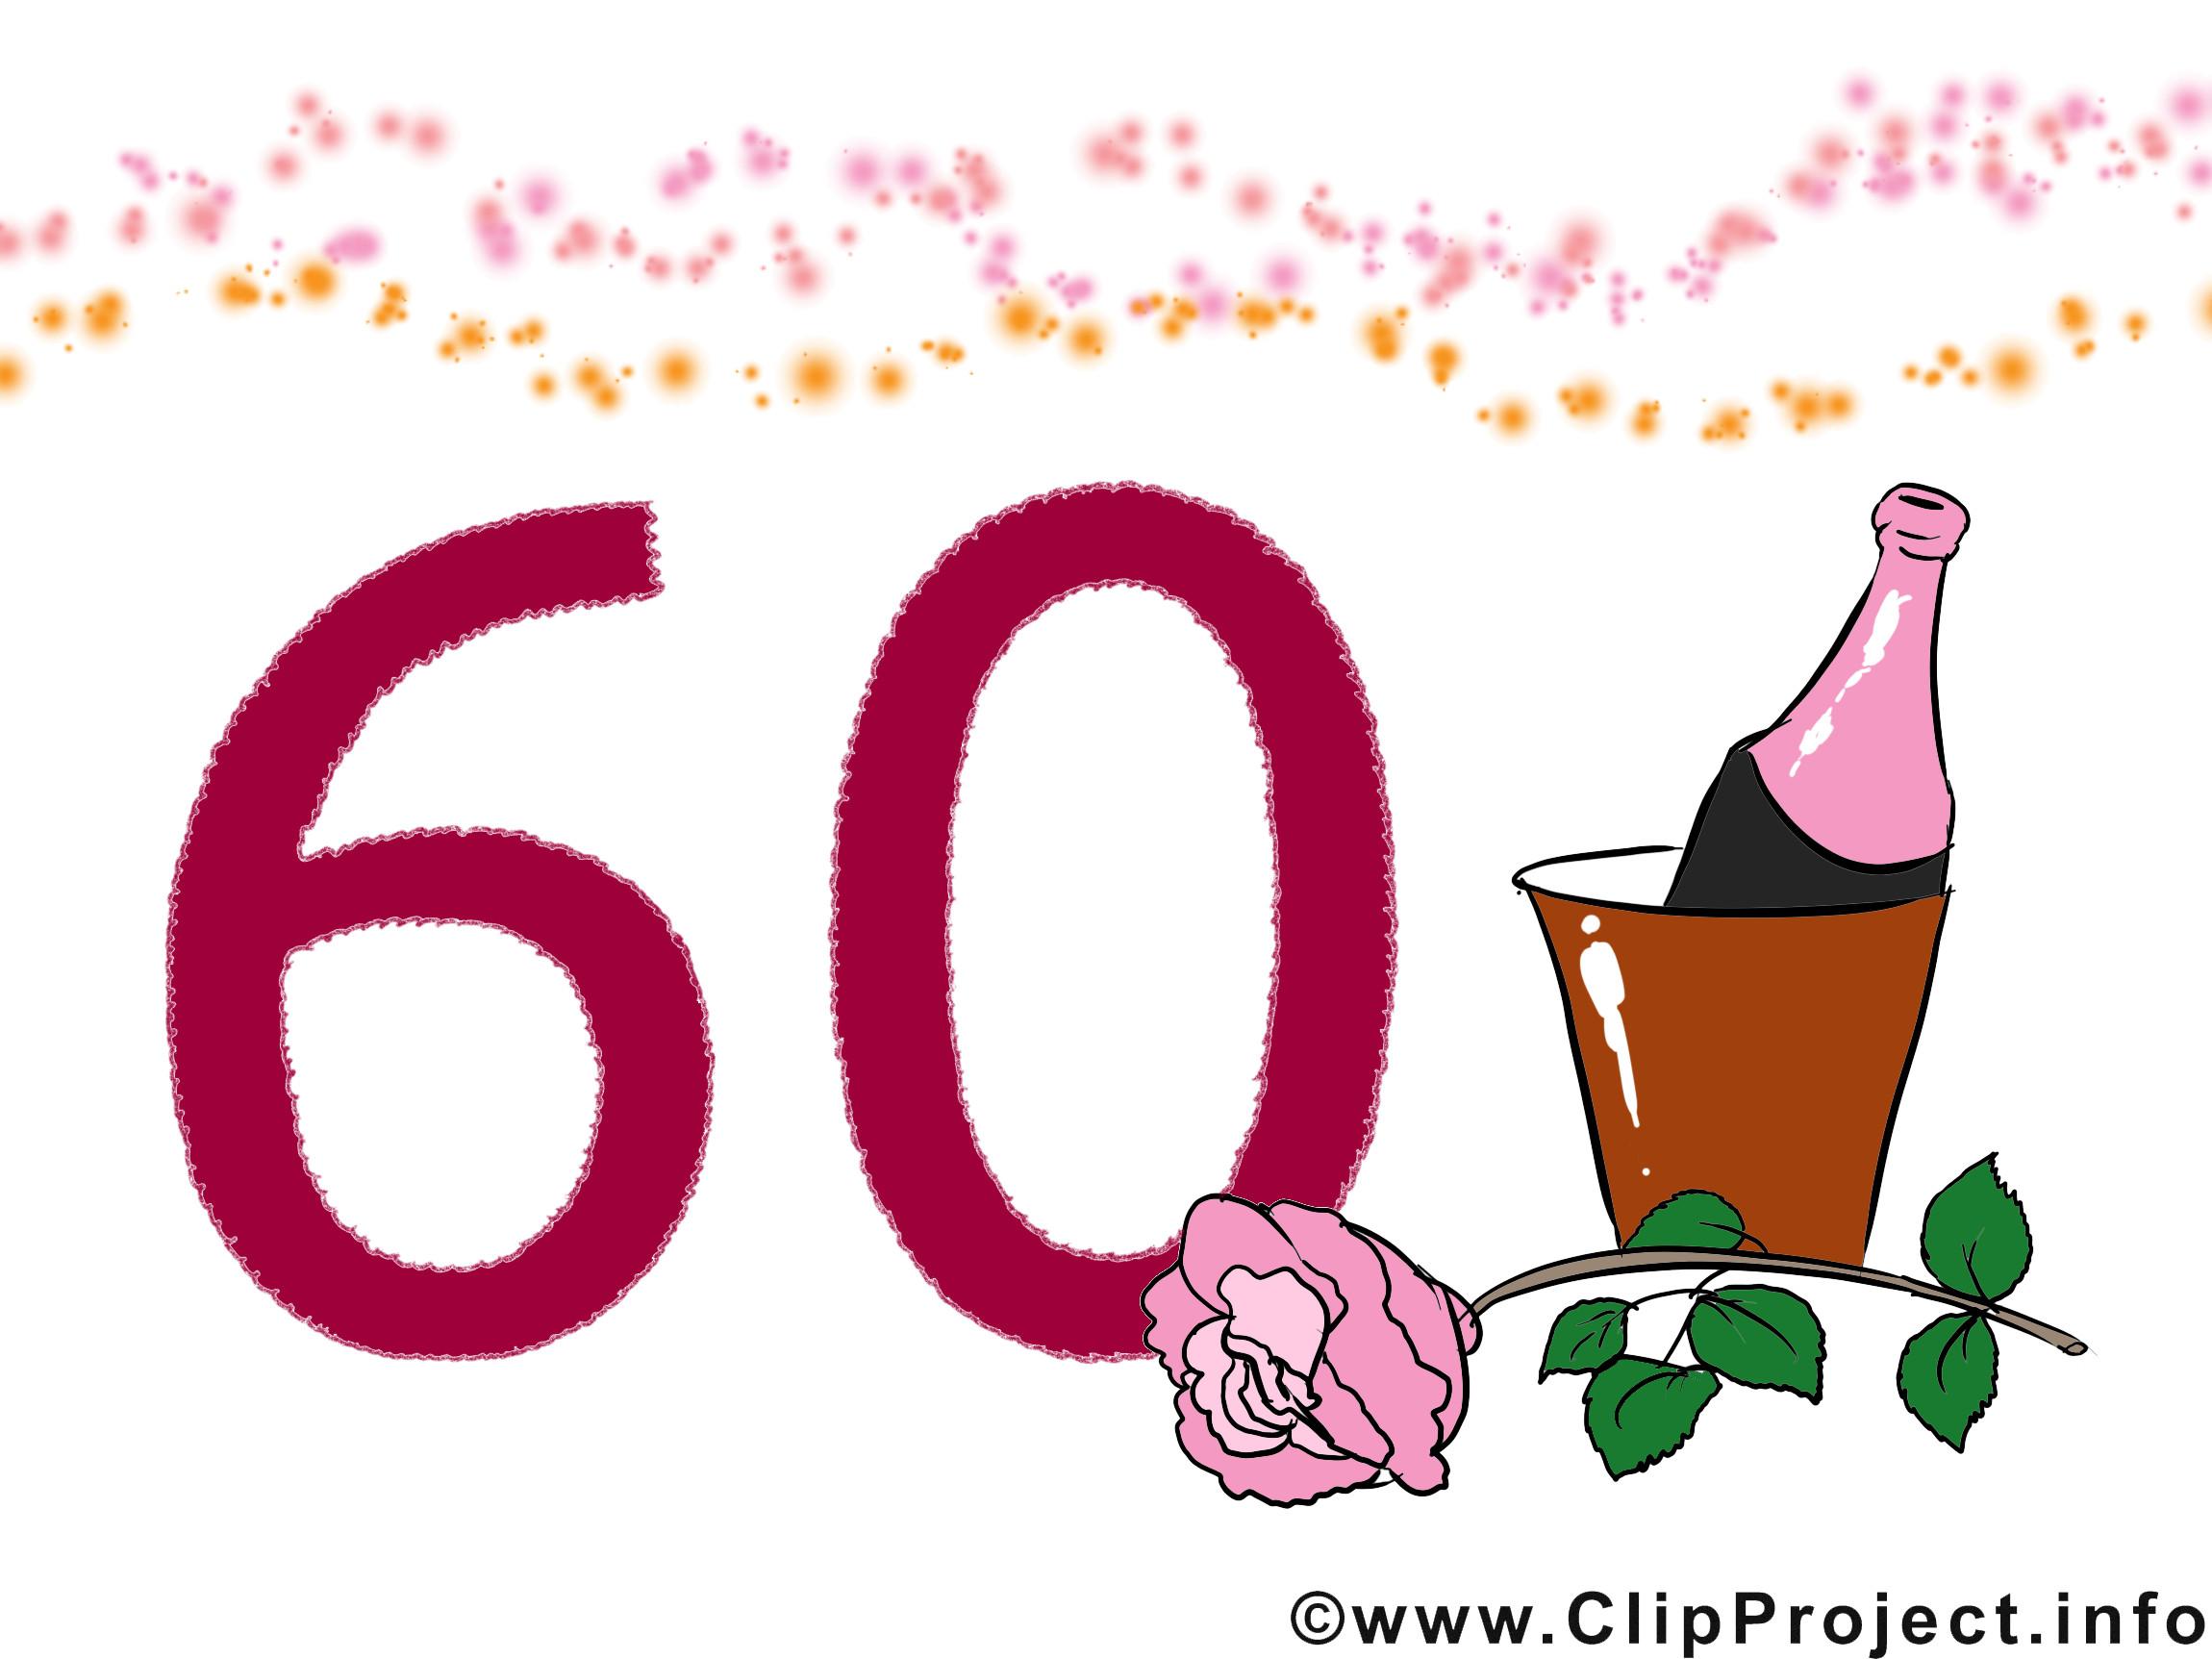 Geburtstagswünsche Zum 60 Geburtstag  Geburtstagswünsche zum 60 Glückwunschkarte Clipart Bild